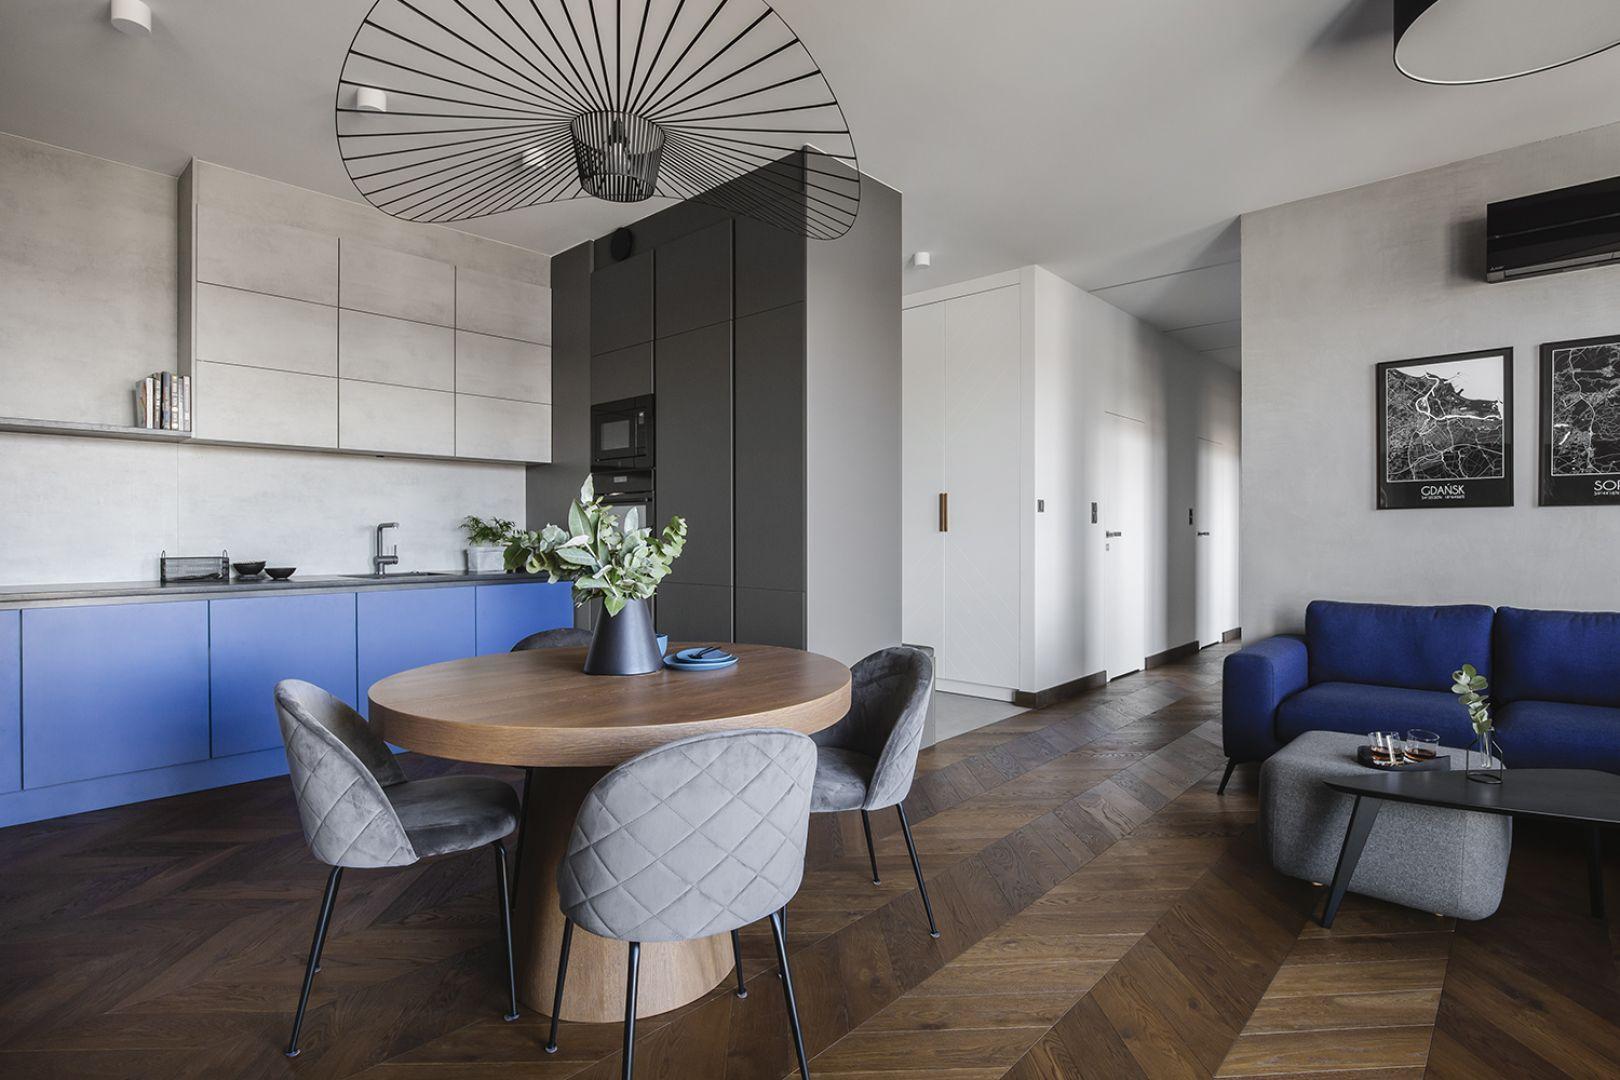 Szara kuchnia z drewnianą podłogą i kolorem niebieskim, który pięknie ożywia wnętrze. Projekt: make Architekci. Fot. Hanna Połczyńska, Kroniki Studio